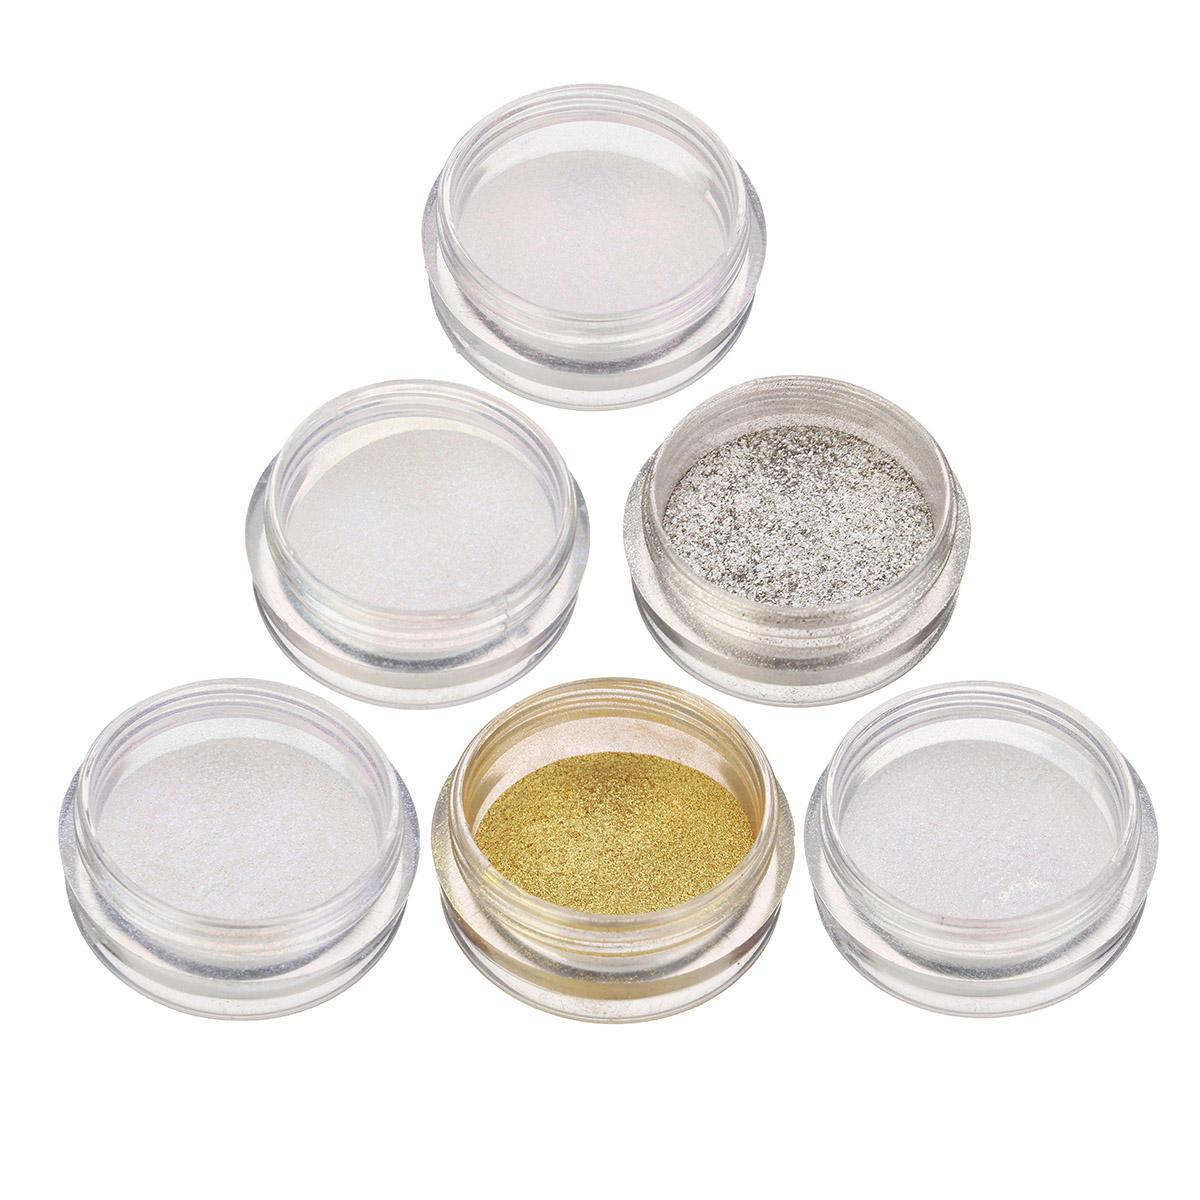 6 Colori Brillante Metallico Chiodo Polvere Brillare Paillettes luccicanti Cromo Polvere Pigment Manicure